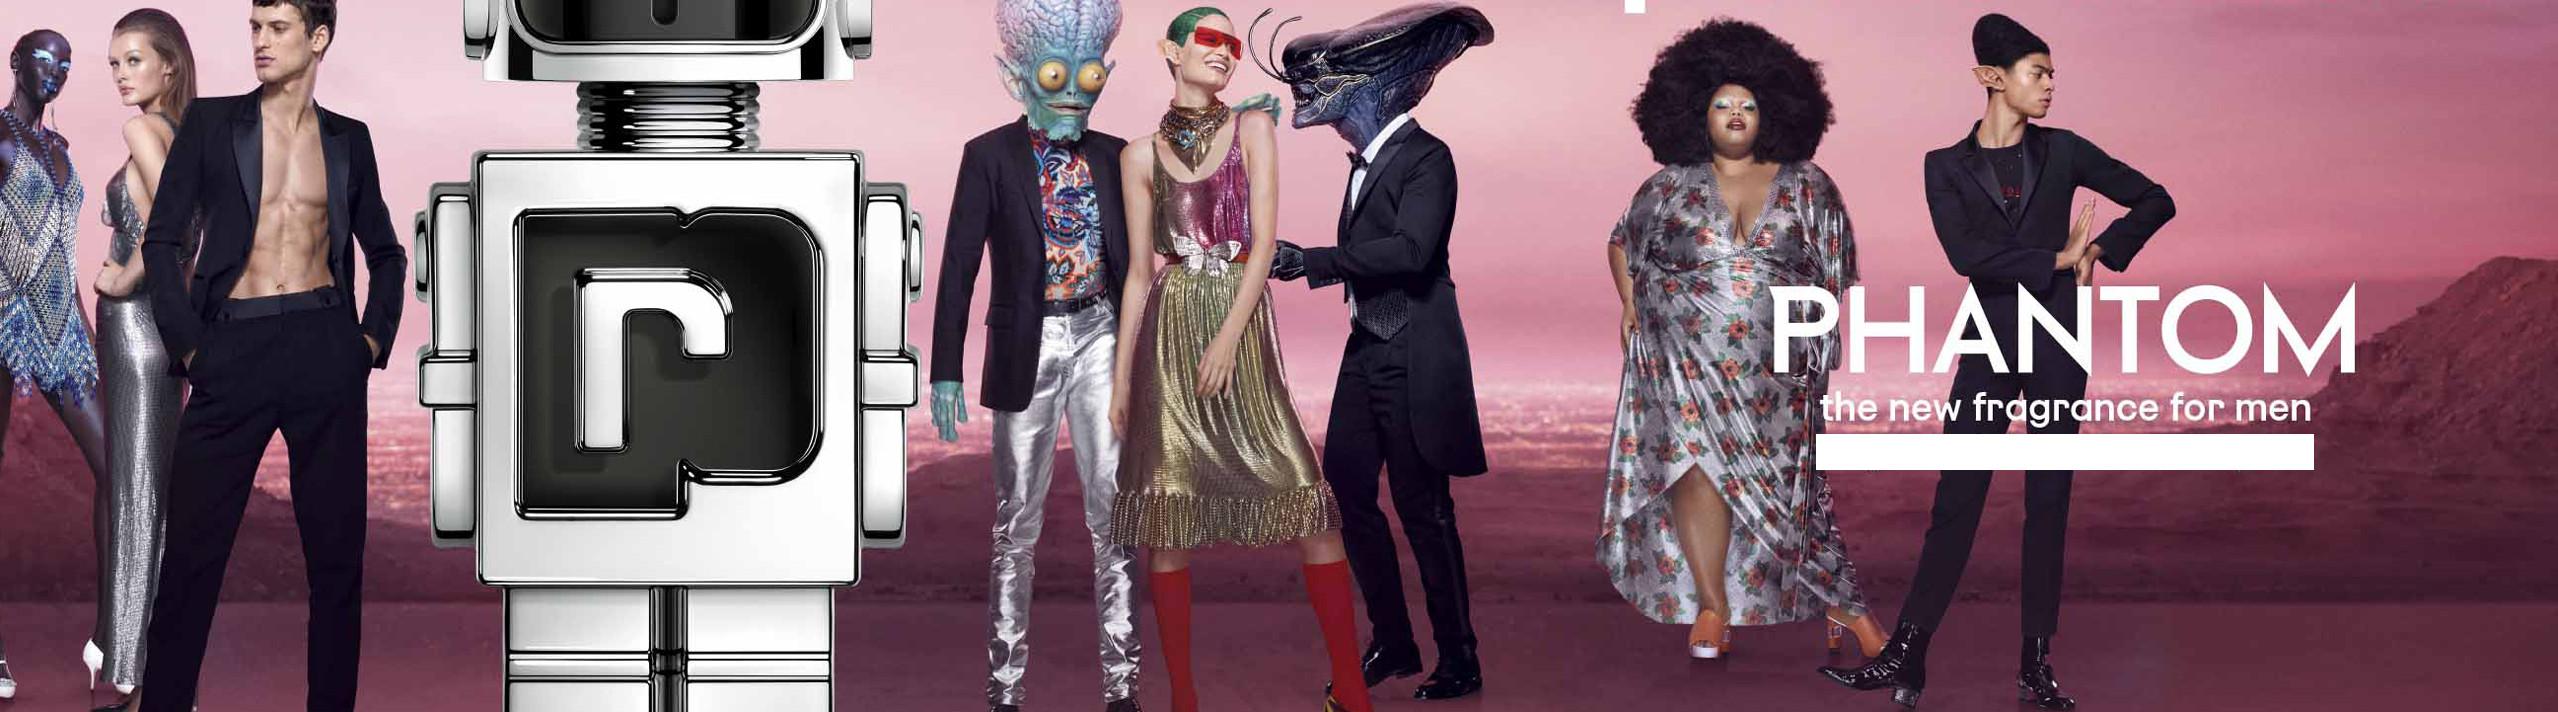 Scopri la nuova futuristica fragranza di Paco Rabanne!